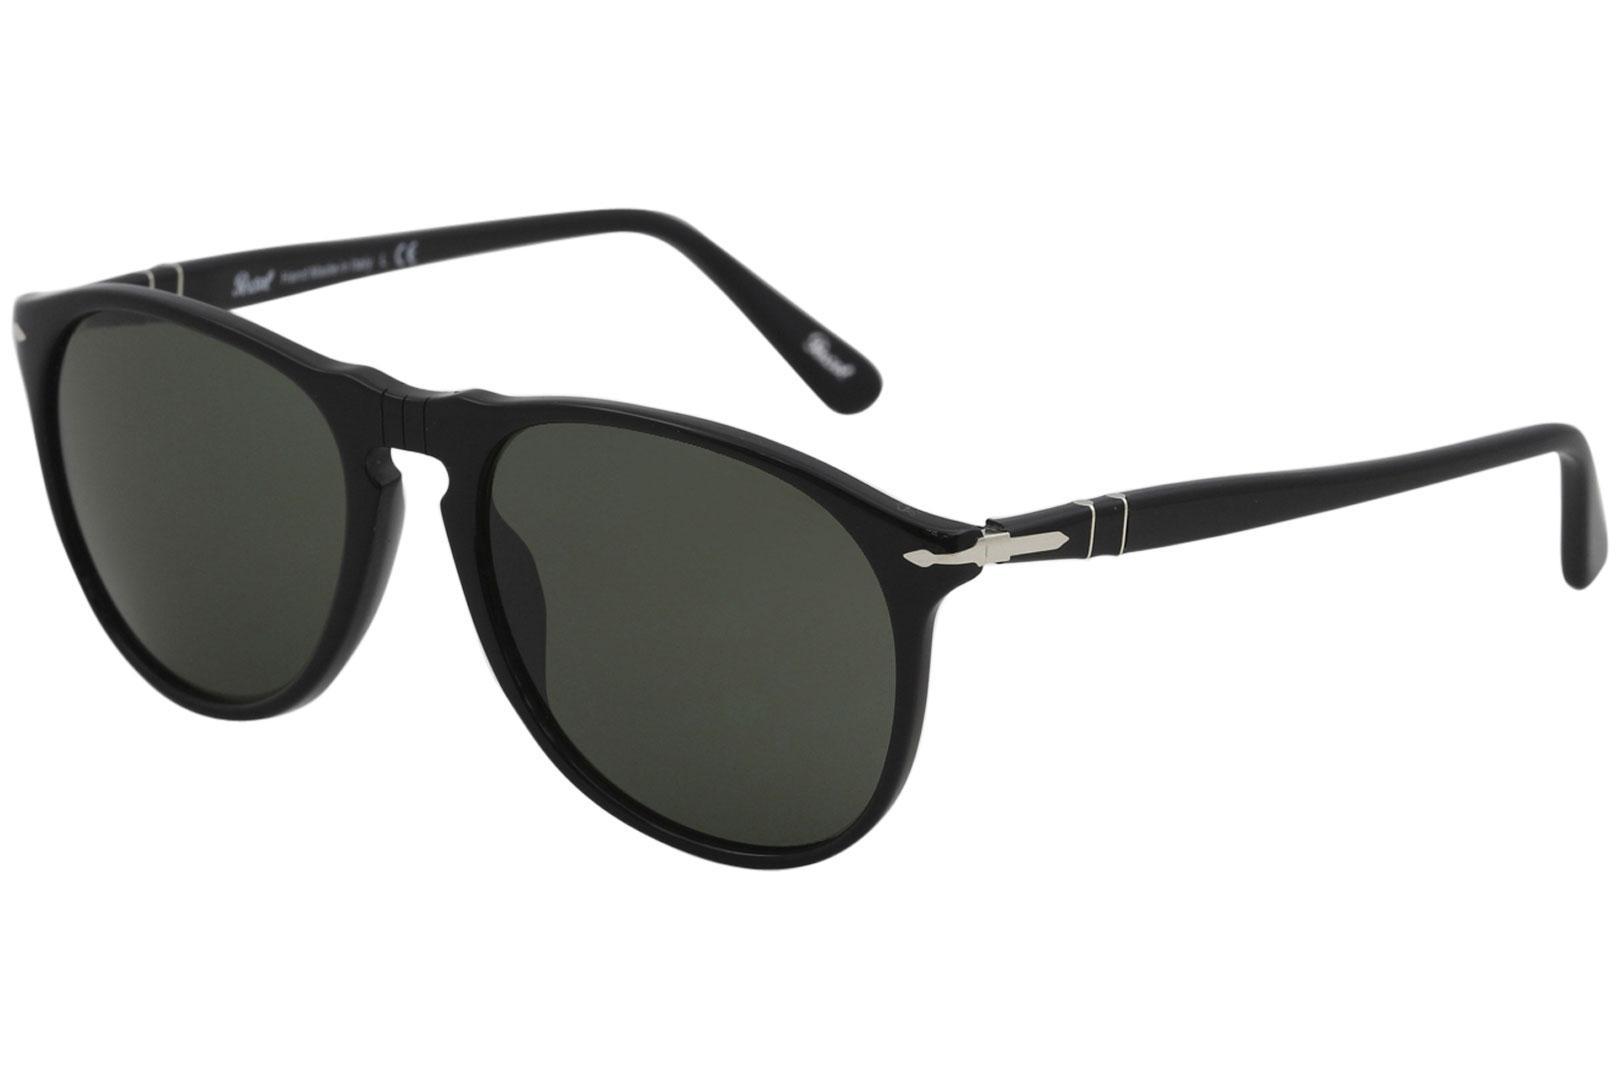 7d84a639fd9 Persol Men s PO9649S PO 9649 S Fashion Pilot Sunglasses